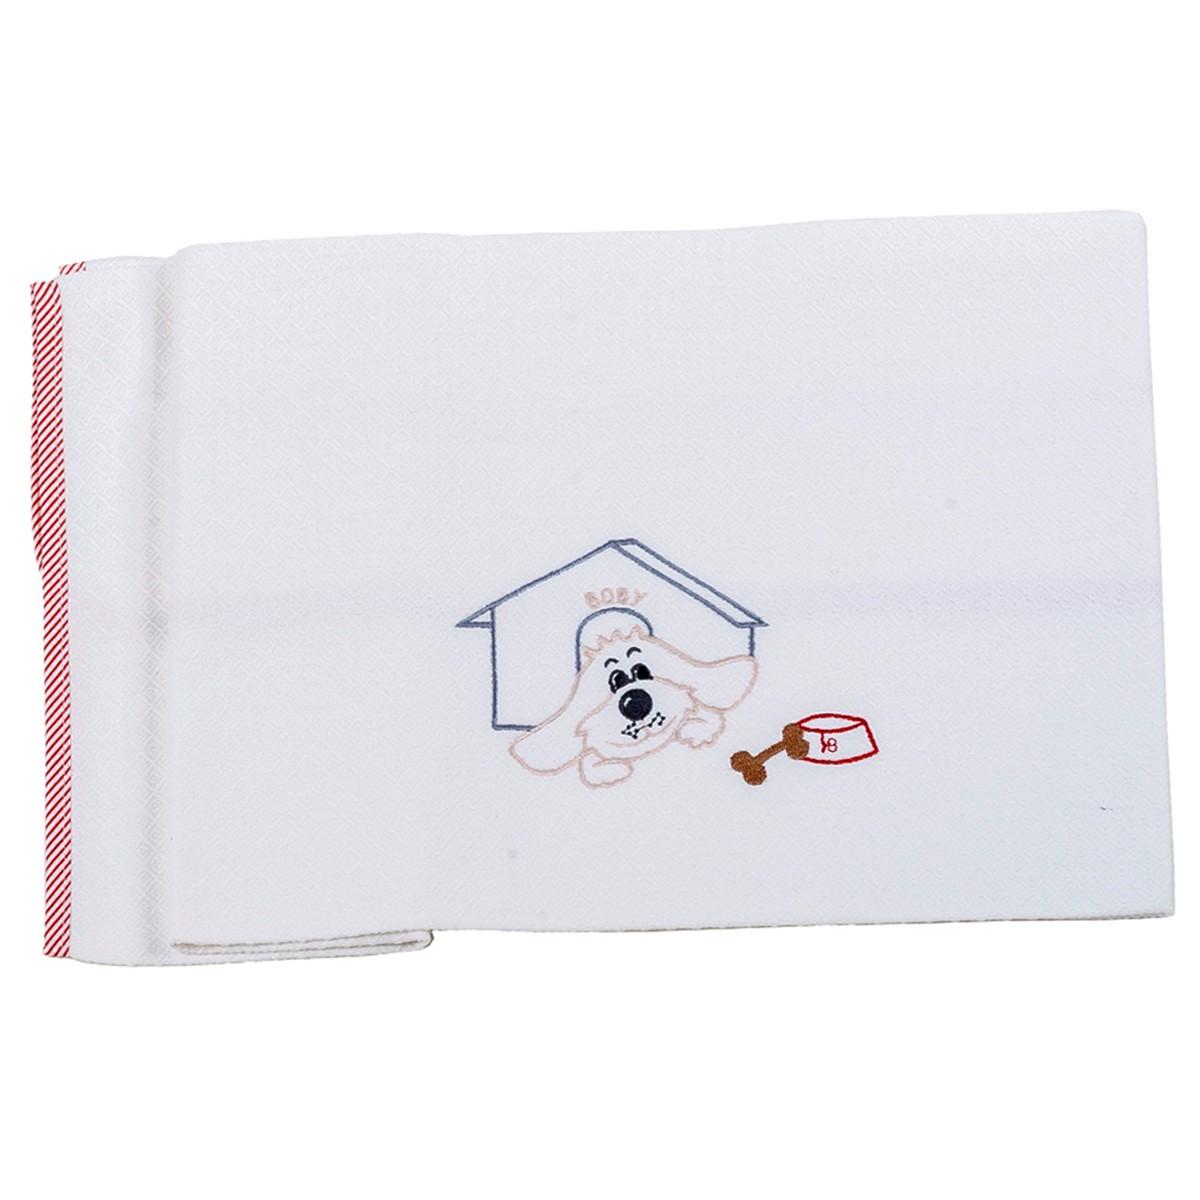 Κουβέρτα Πικέ Αγκαλιάς Κόσμος Του Μωρού 0302 Boby Κόκκινο